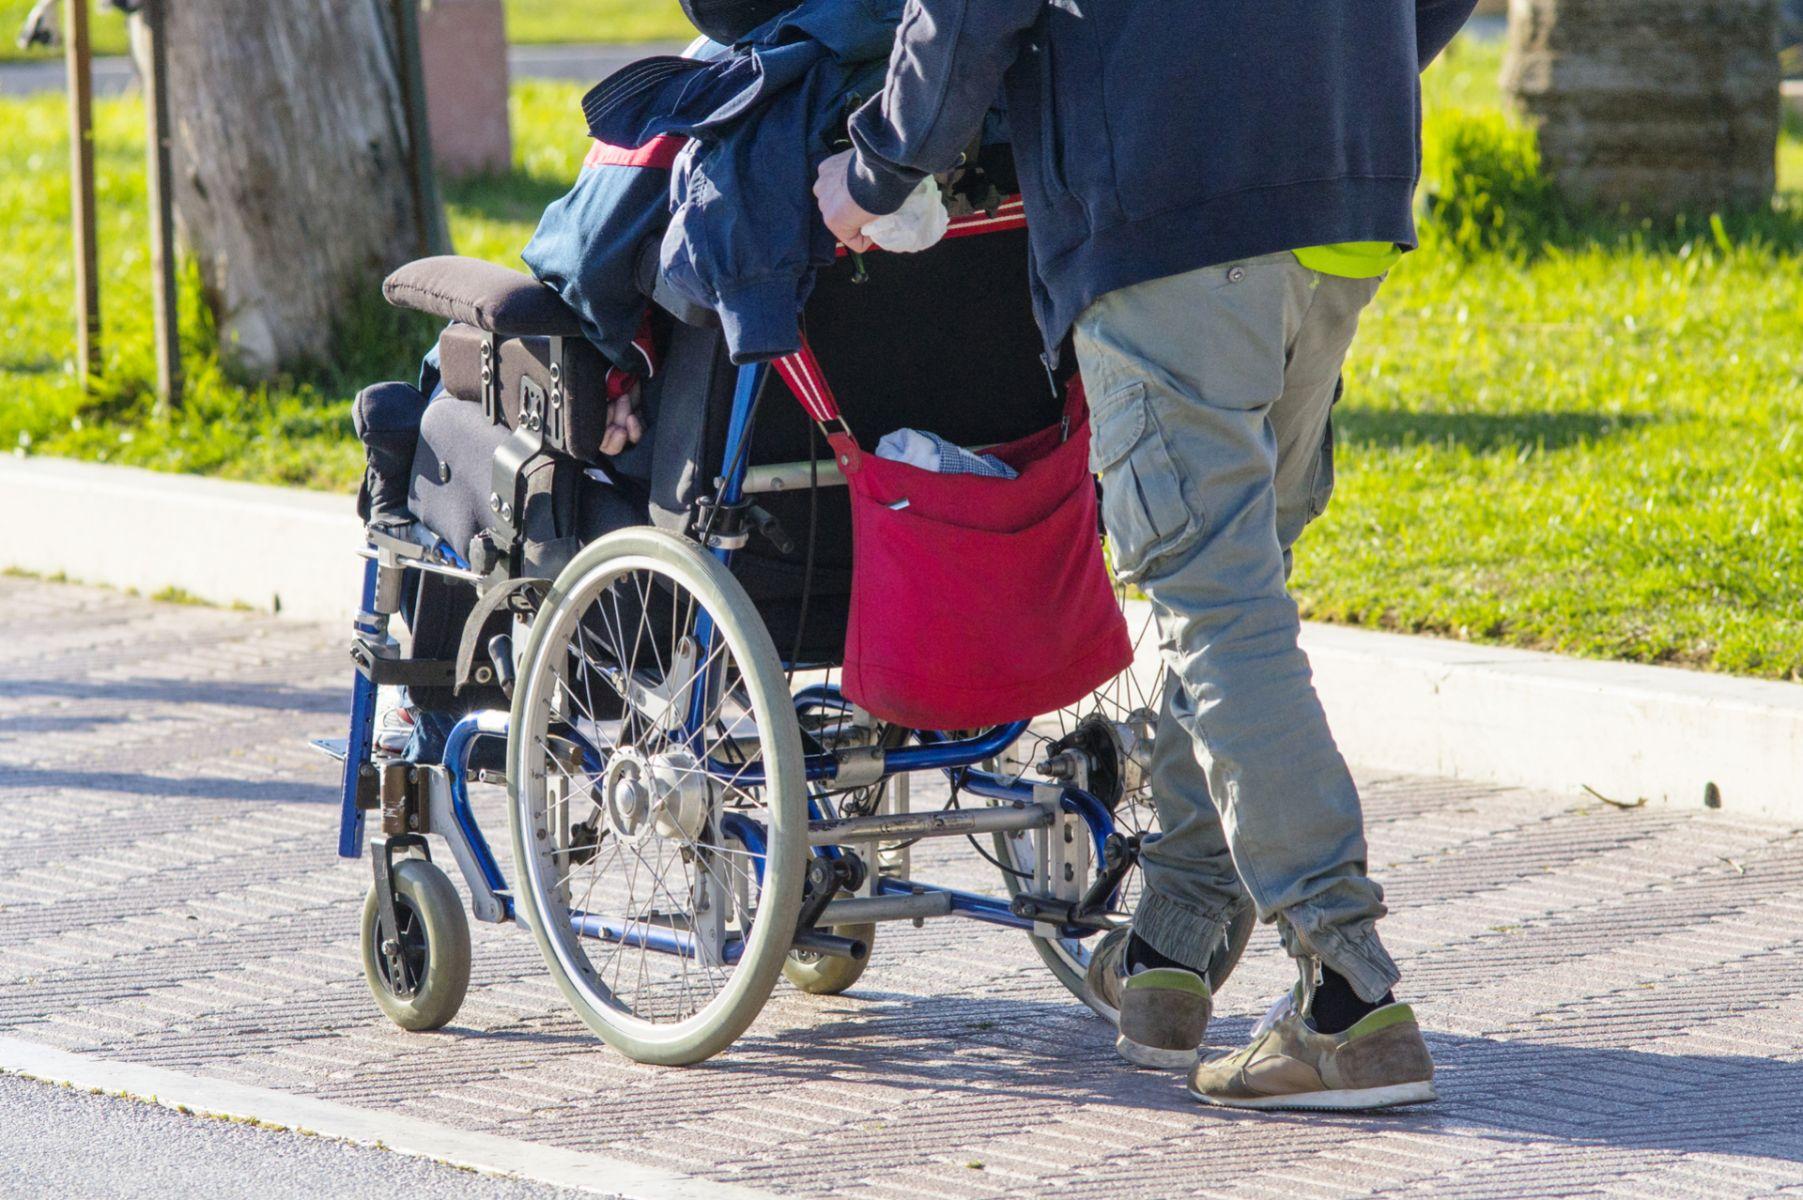 兩頭燒的醫院人生 讓老父親住長照中心的心痛告白